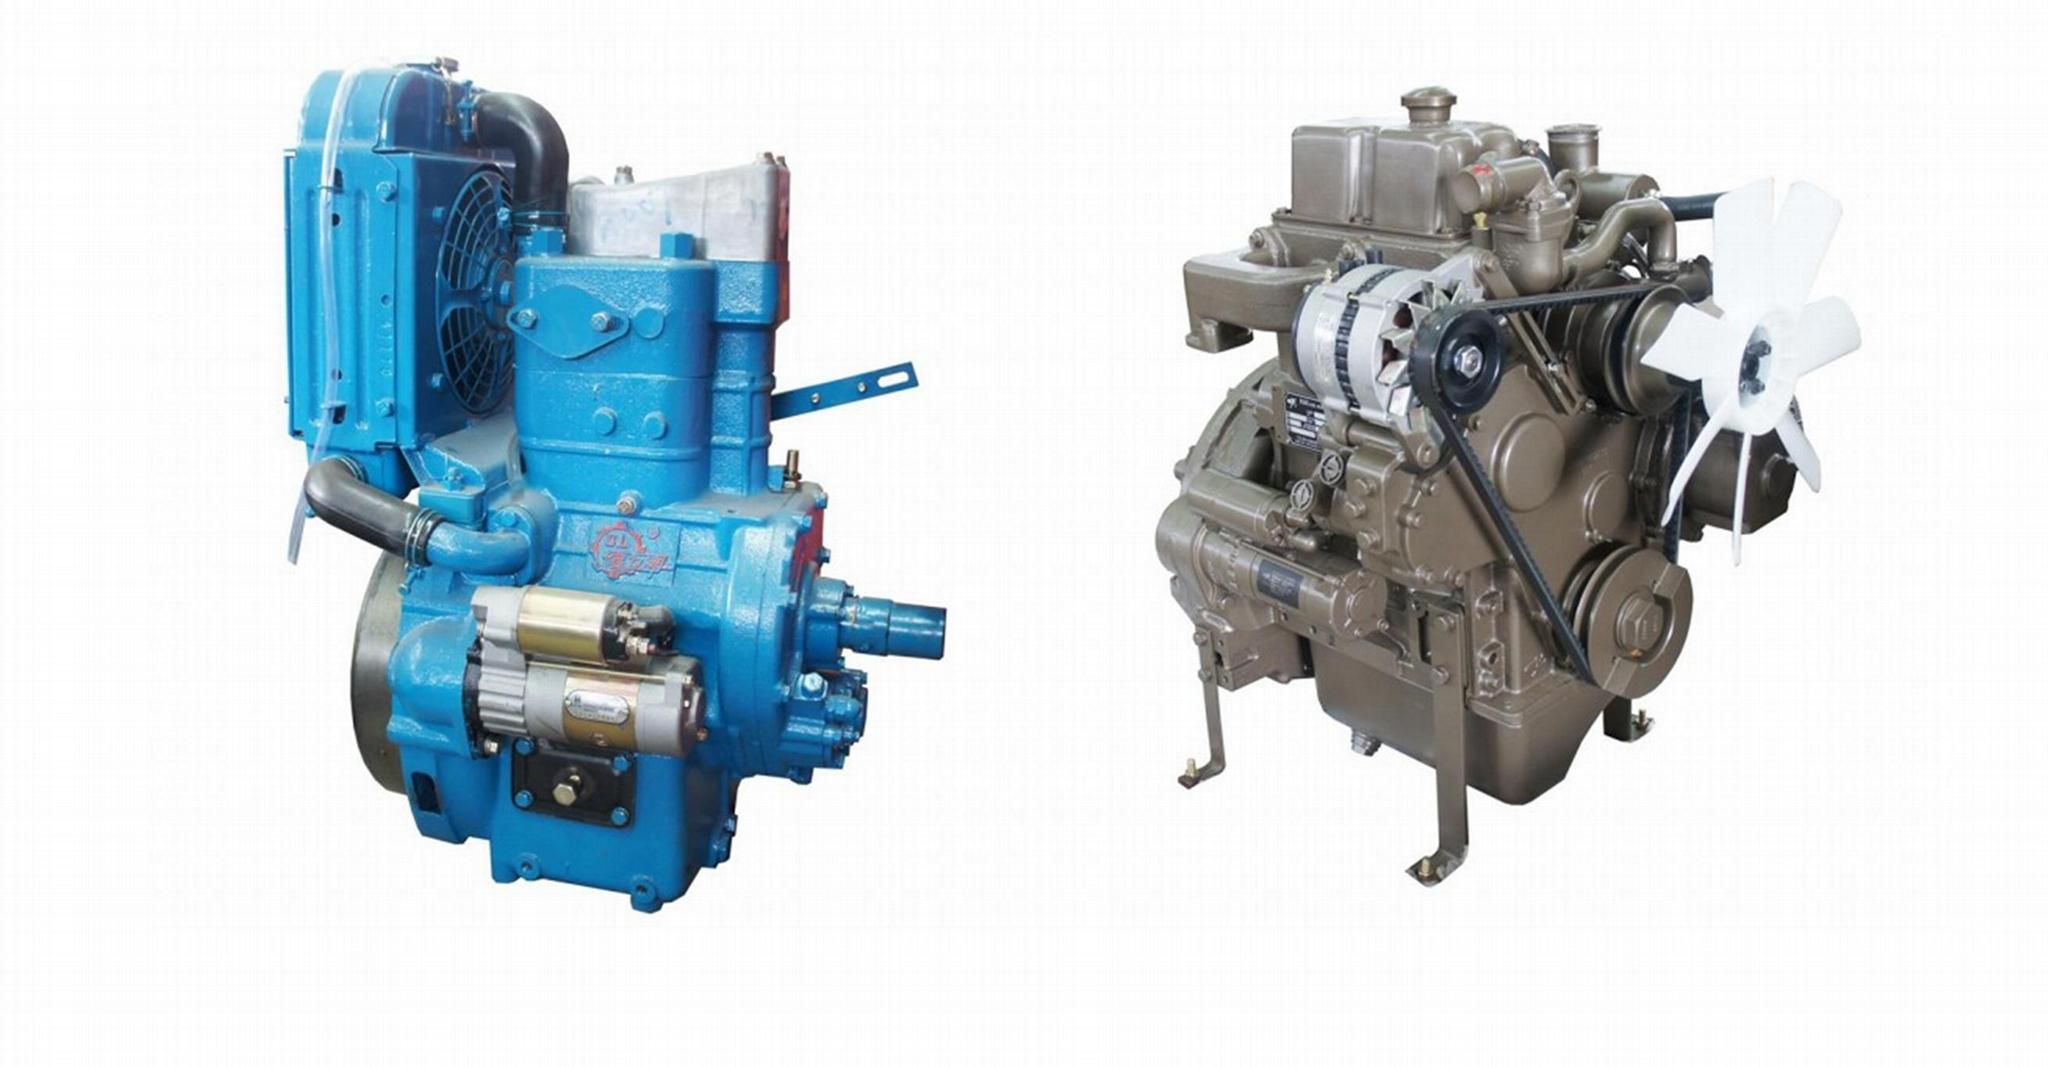 1 cylinder / 2 cylinder diesel engine